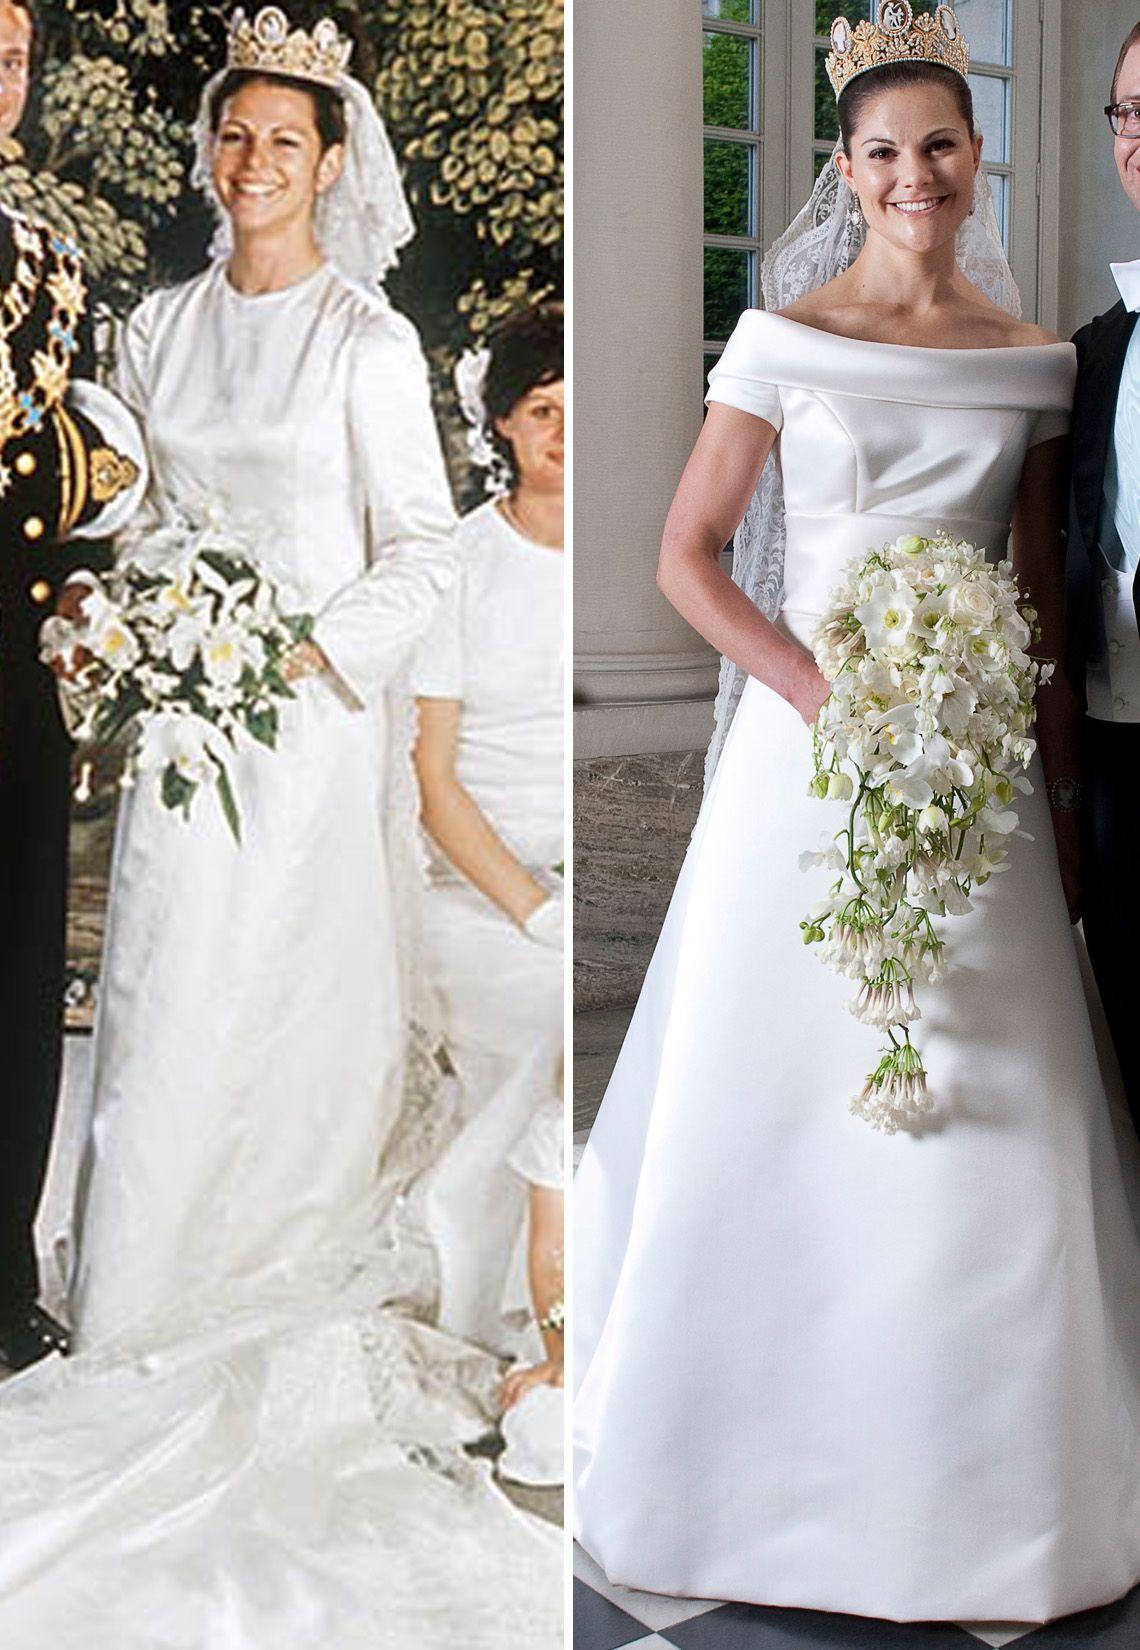 Mutter und Tochter heiraten am gleichen Tag! Königin Silvia von